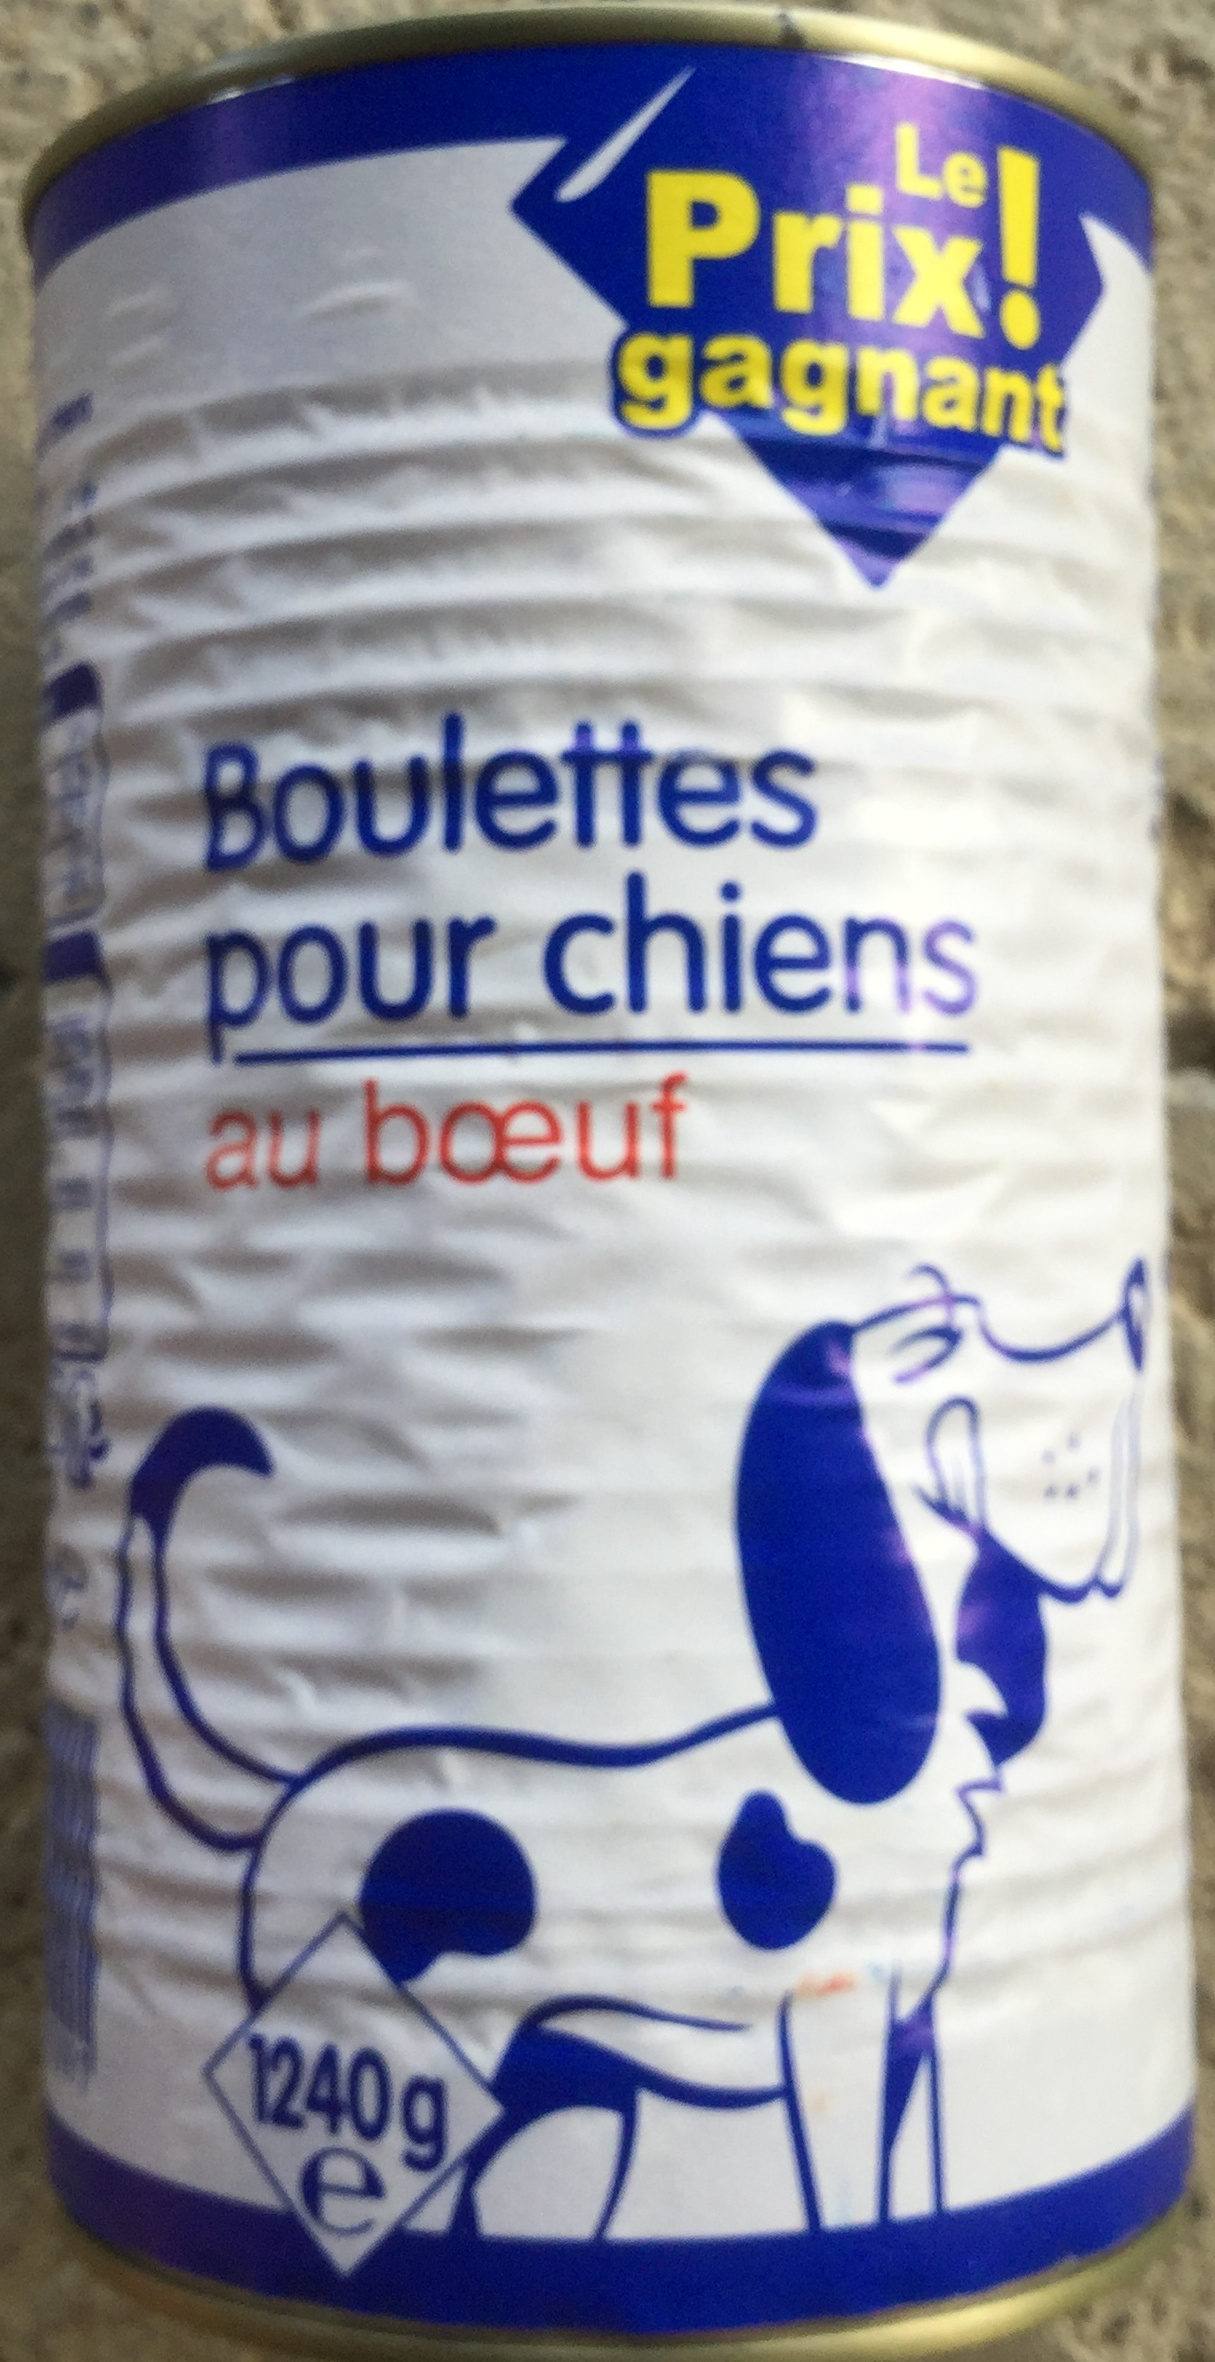 Boulettes pour chiens au bœuf  - Produit